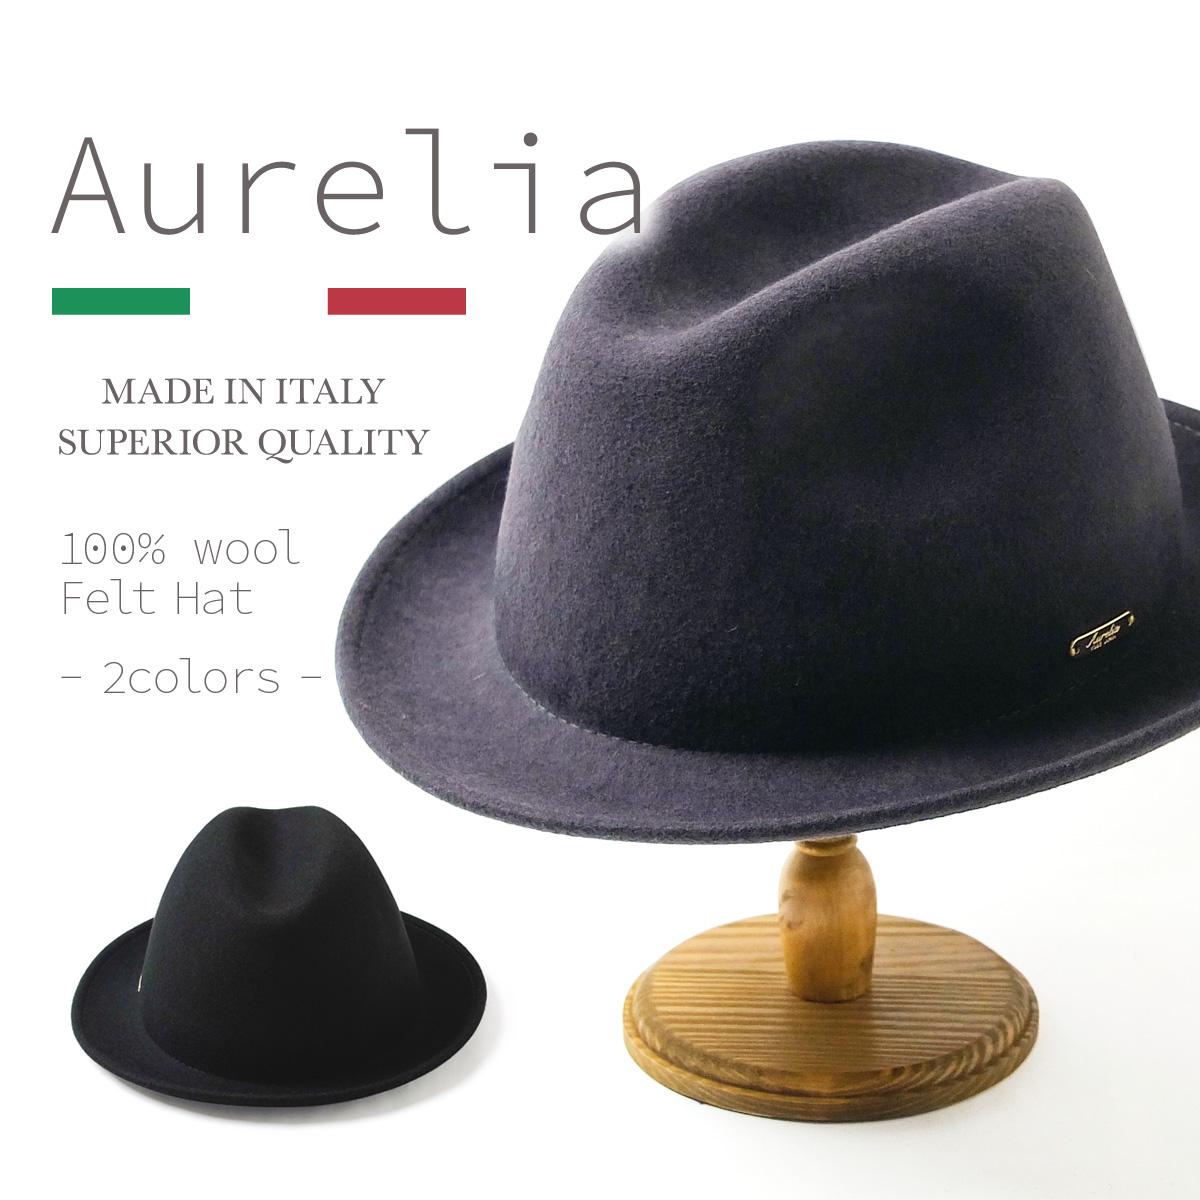 帽子 メンズ レディース イタリア製 ウール 形状記憶 撥水 アウレリア 国内在庫 母の日 2021 父の日 Aurelia アウレリアプレート ギフト フェルトハット中折れ 送料無料 買物